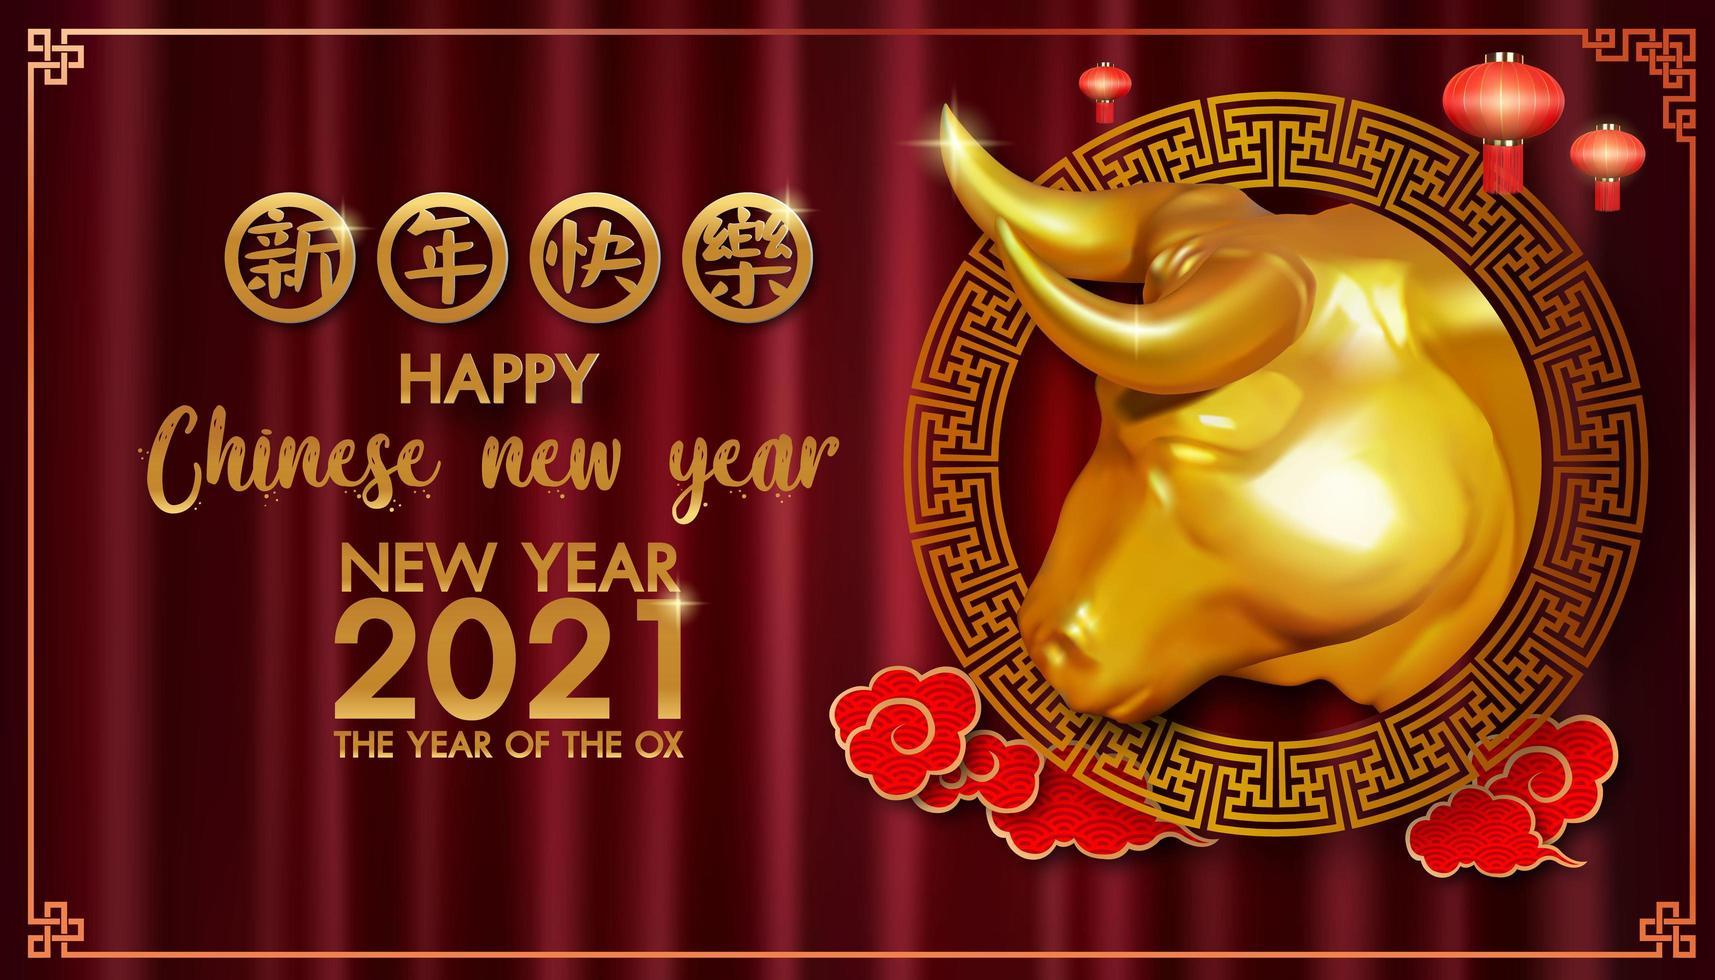 kinesiskt nyår 2021 design med guldox karaktär vektor